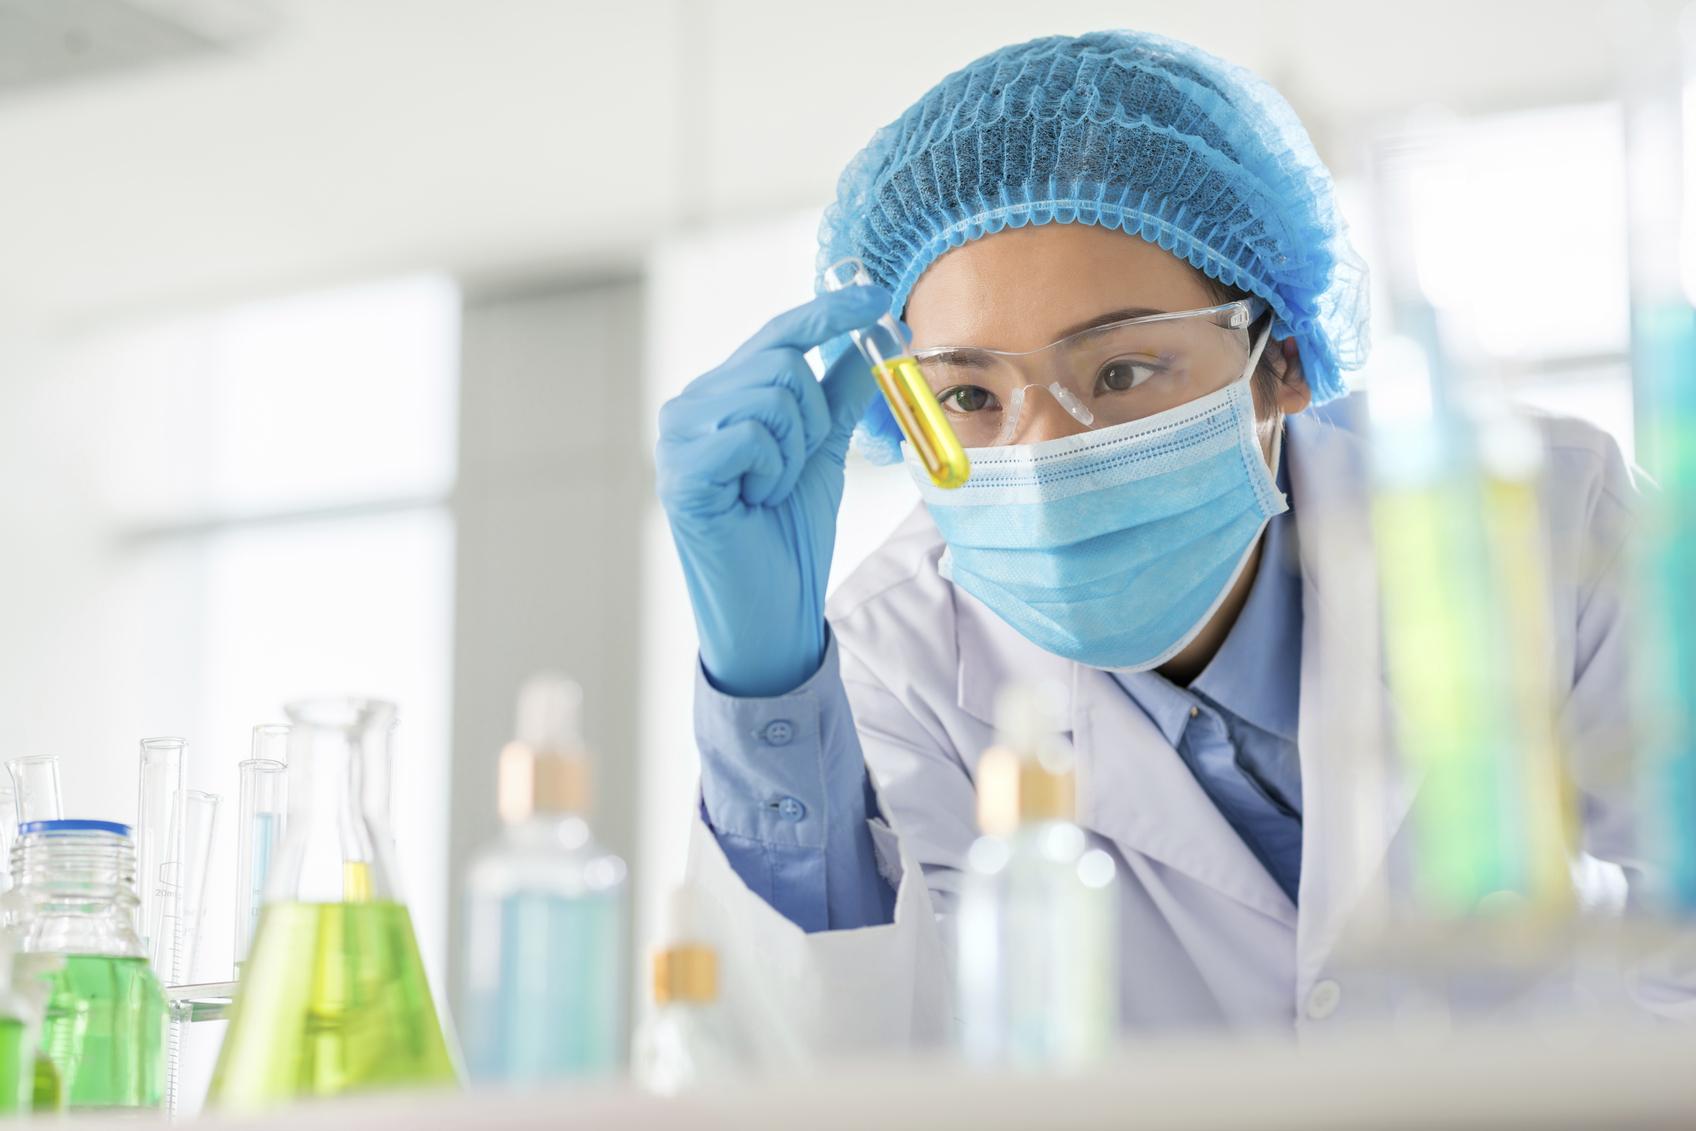 Исследование: Препараты для лечения ВИЧ и гепатита С при совместном использовании могут вызывать побочные эффекты